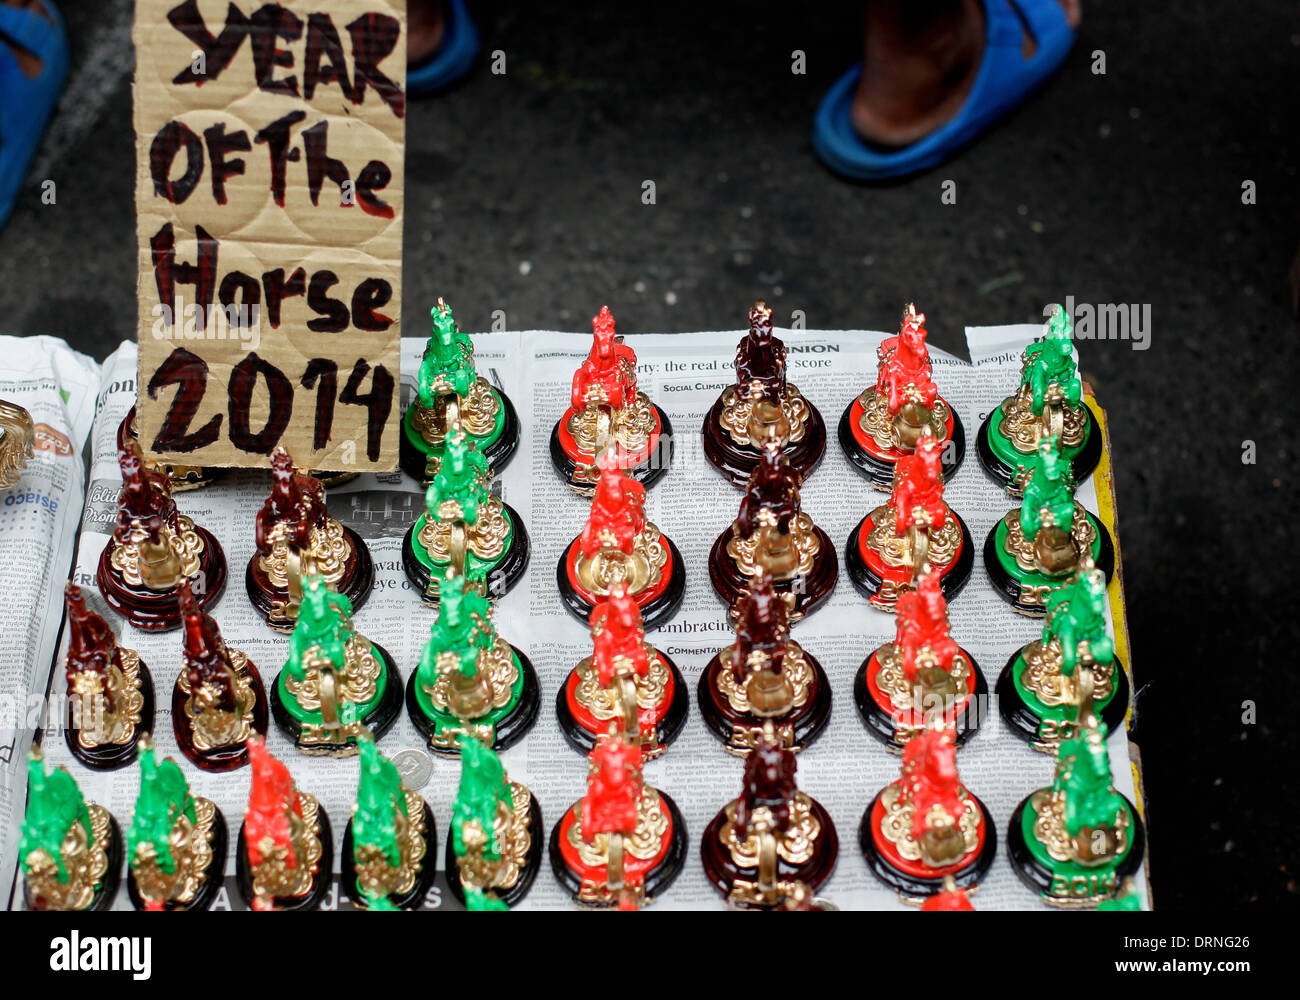 Manila, Filippine. Il 30 gennaio 2014. Portafortuna nella forma di cavalli sono venduti nelle strade Chinatown Manila un giorno prima della celebrazione del Capodanno cinese, l'anno del cavallo il 30 gennaio 2014. Foto di Mark Cristino/Alamy Live News Immagini Stock